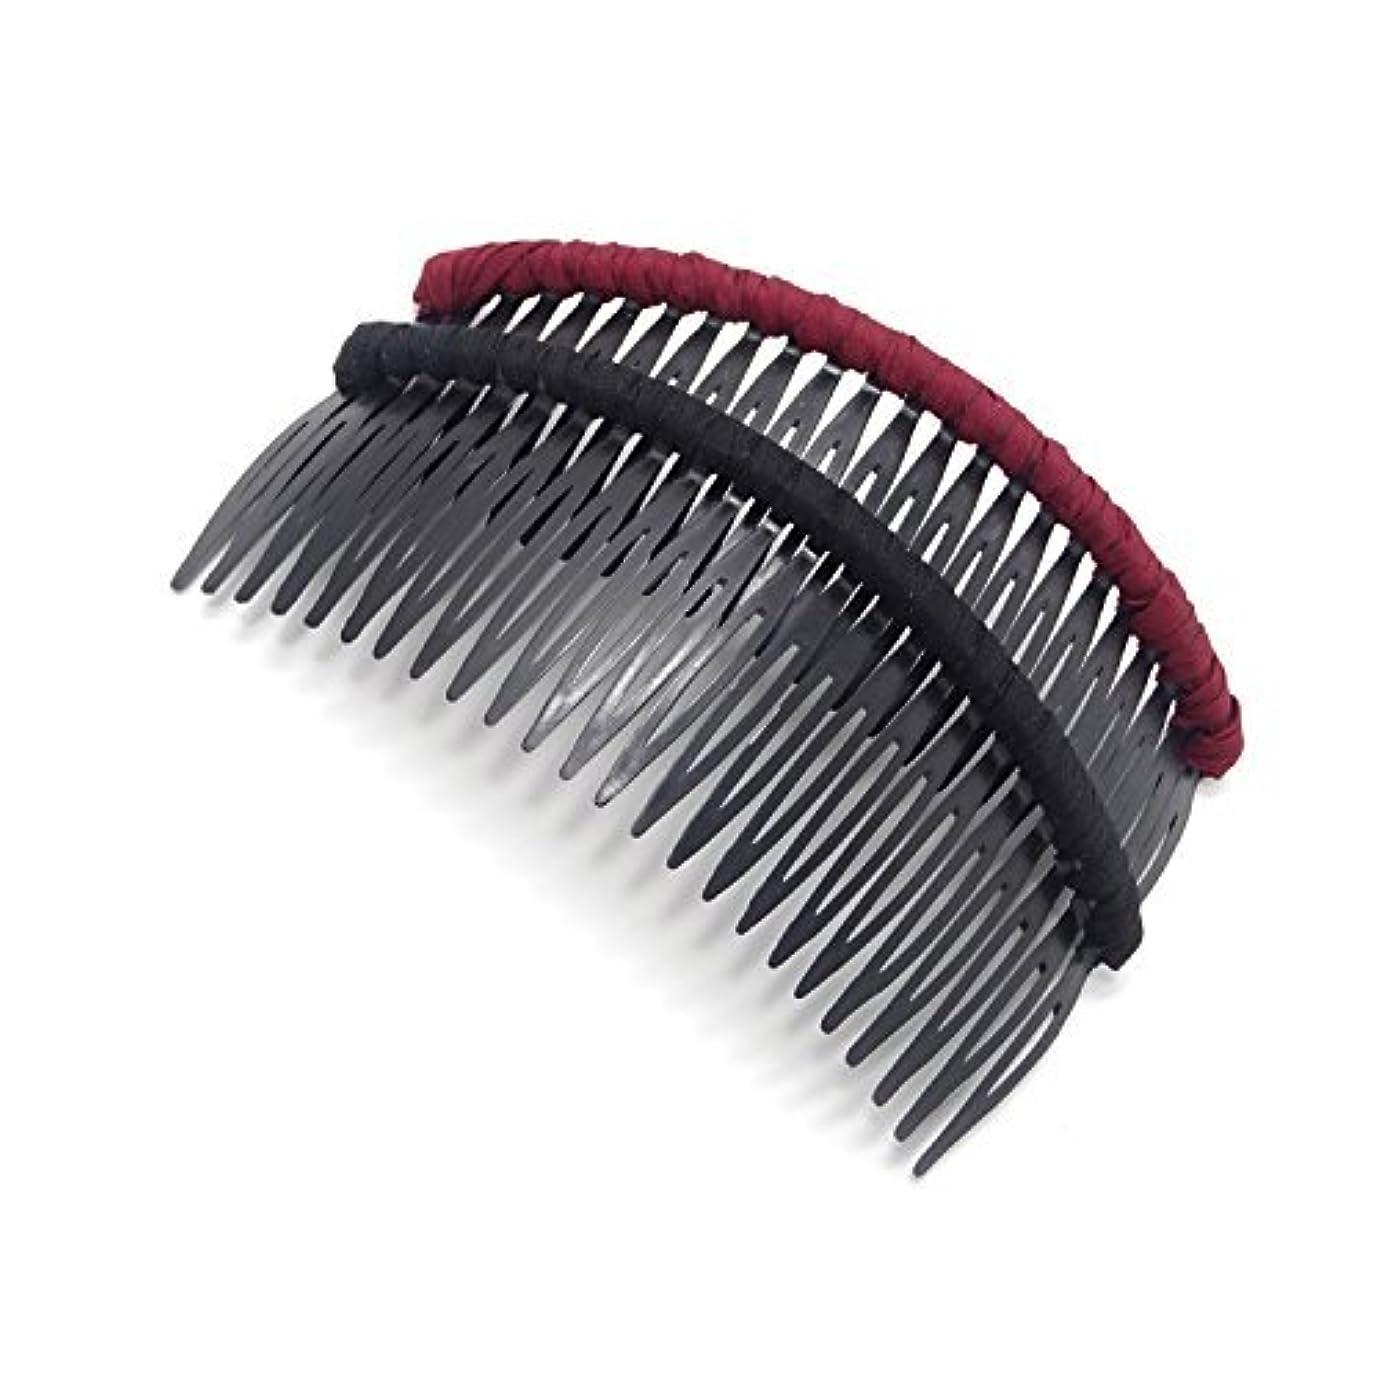 ほぼチロ便利さHonbay 2 PCS Different Color 24 Teeth Plastic Hair Comb Tuck Comb Hair Clip Hair Accessory for Women and Girls...